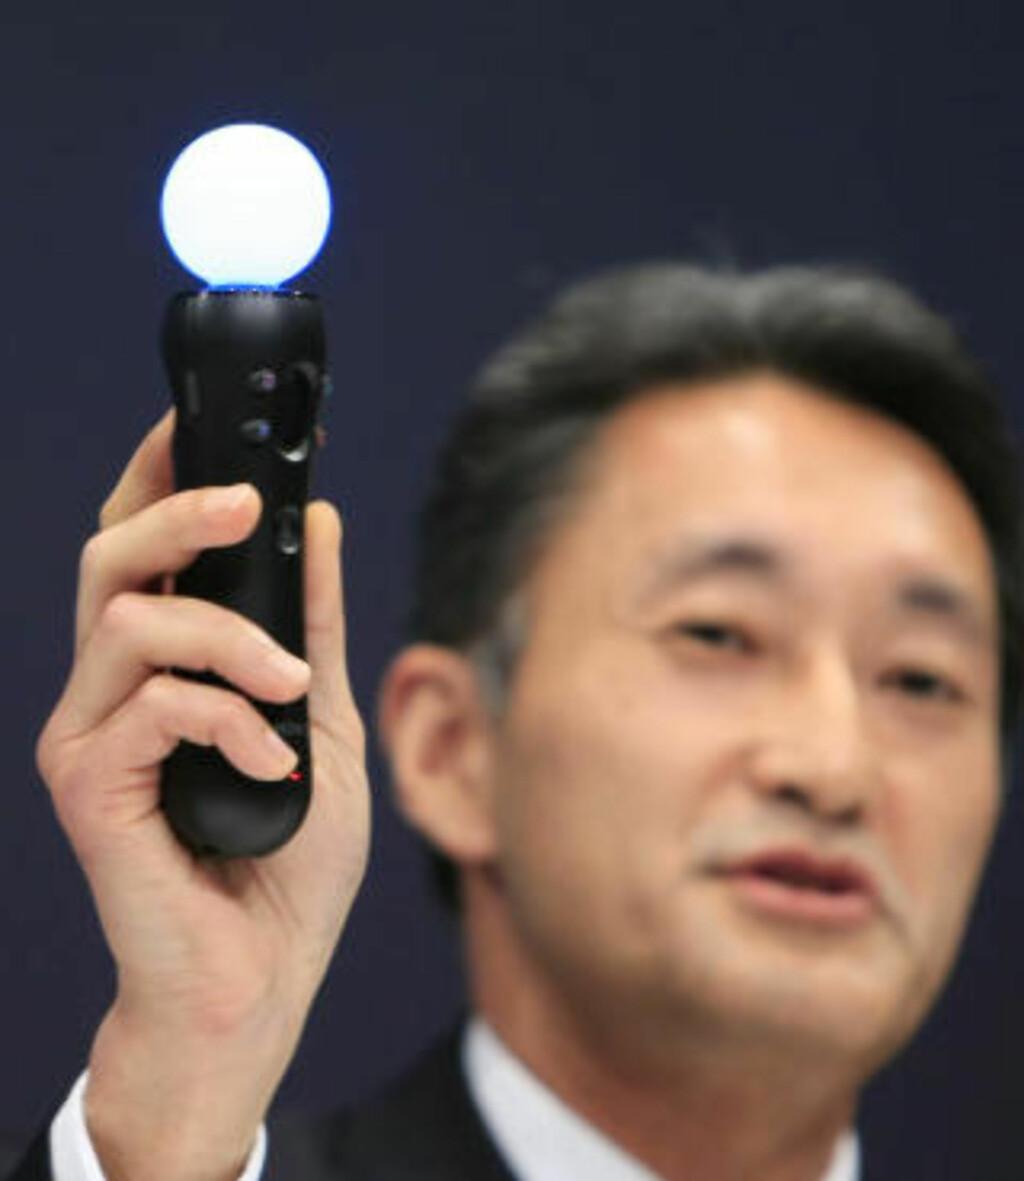 LYSKULE: Her viser Sony-topp Kazuo Hirai fram den nye kontrolleren som vil la deg styre PS3-spill med bevegelser. Foto: SCANPIX